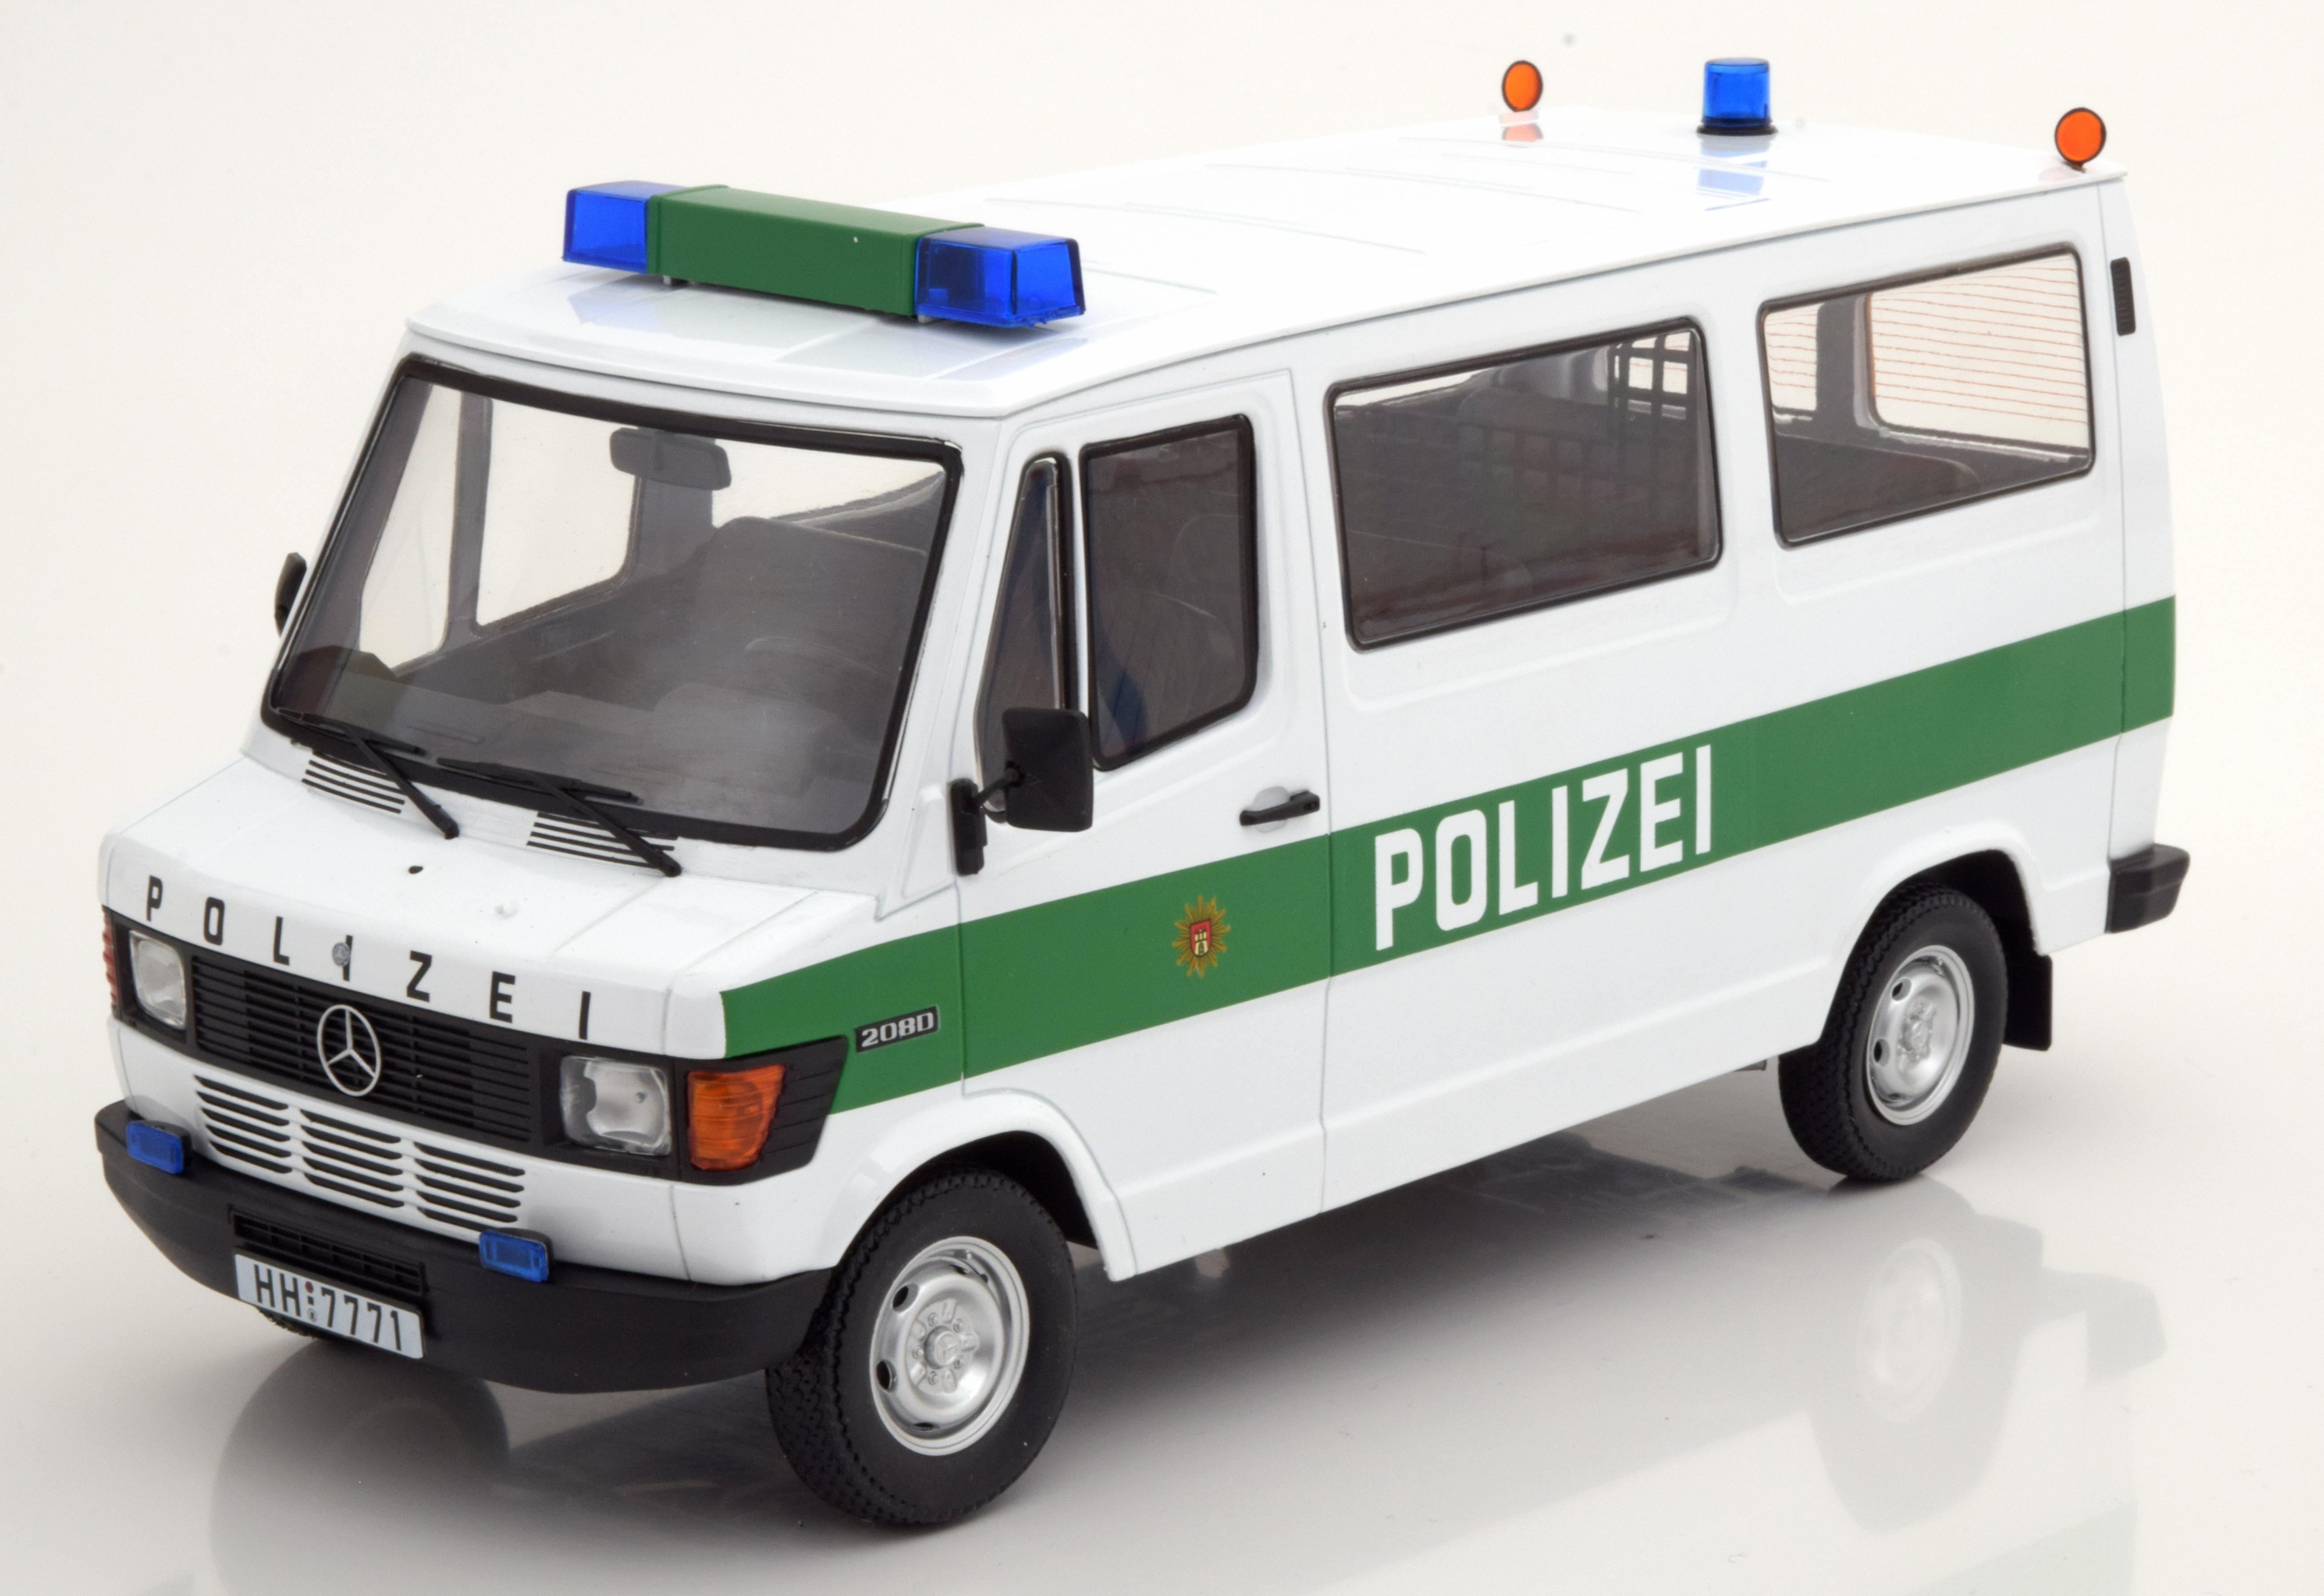 MERCEDES 208D Bus 1988 Polizei Hamburg KK-Scale KKDC 180292 KK-Scale